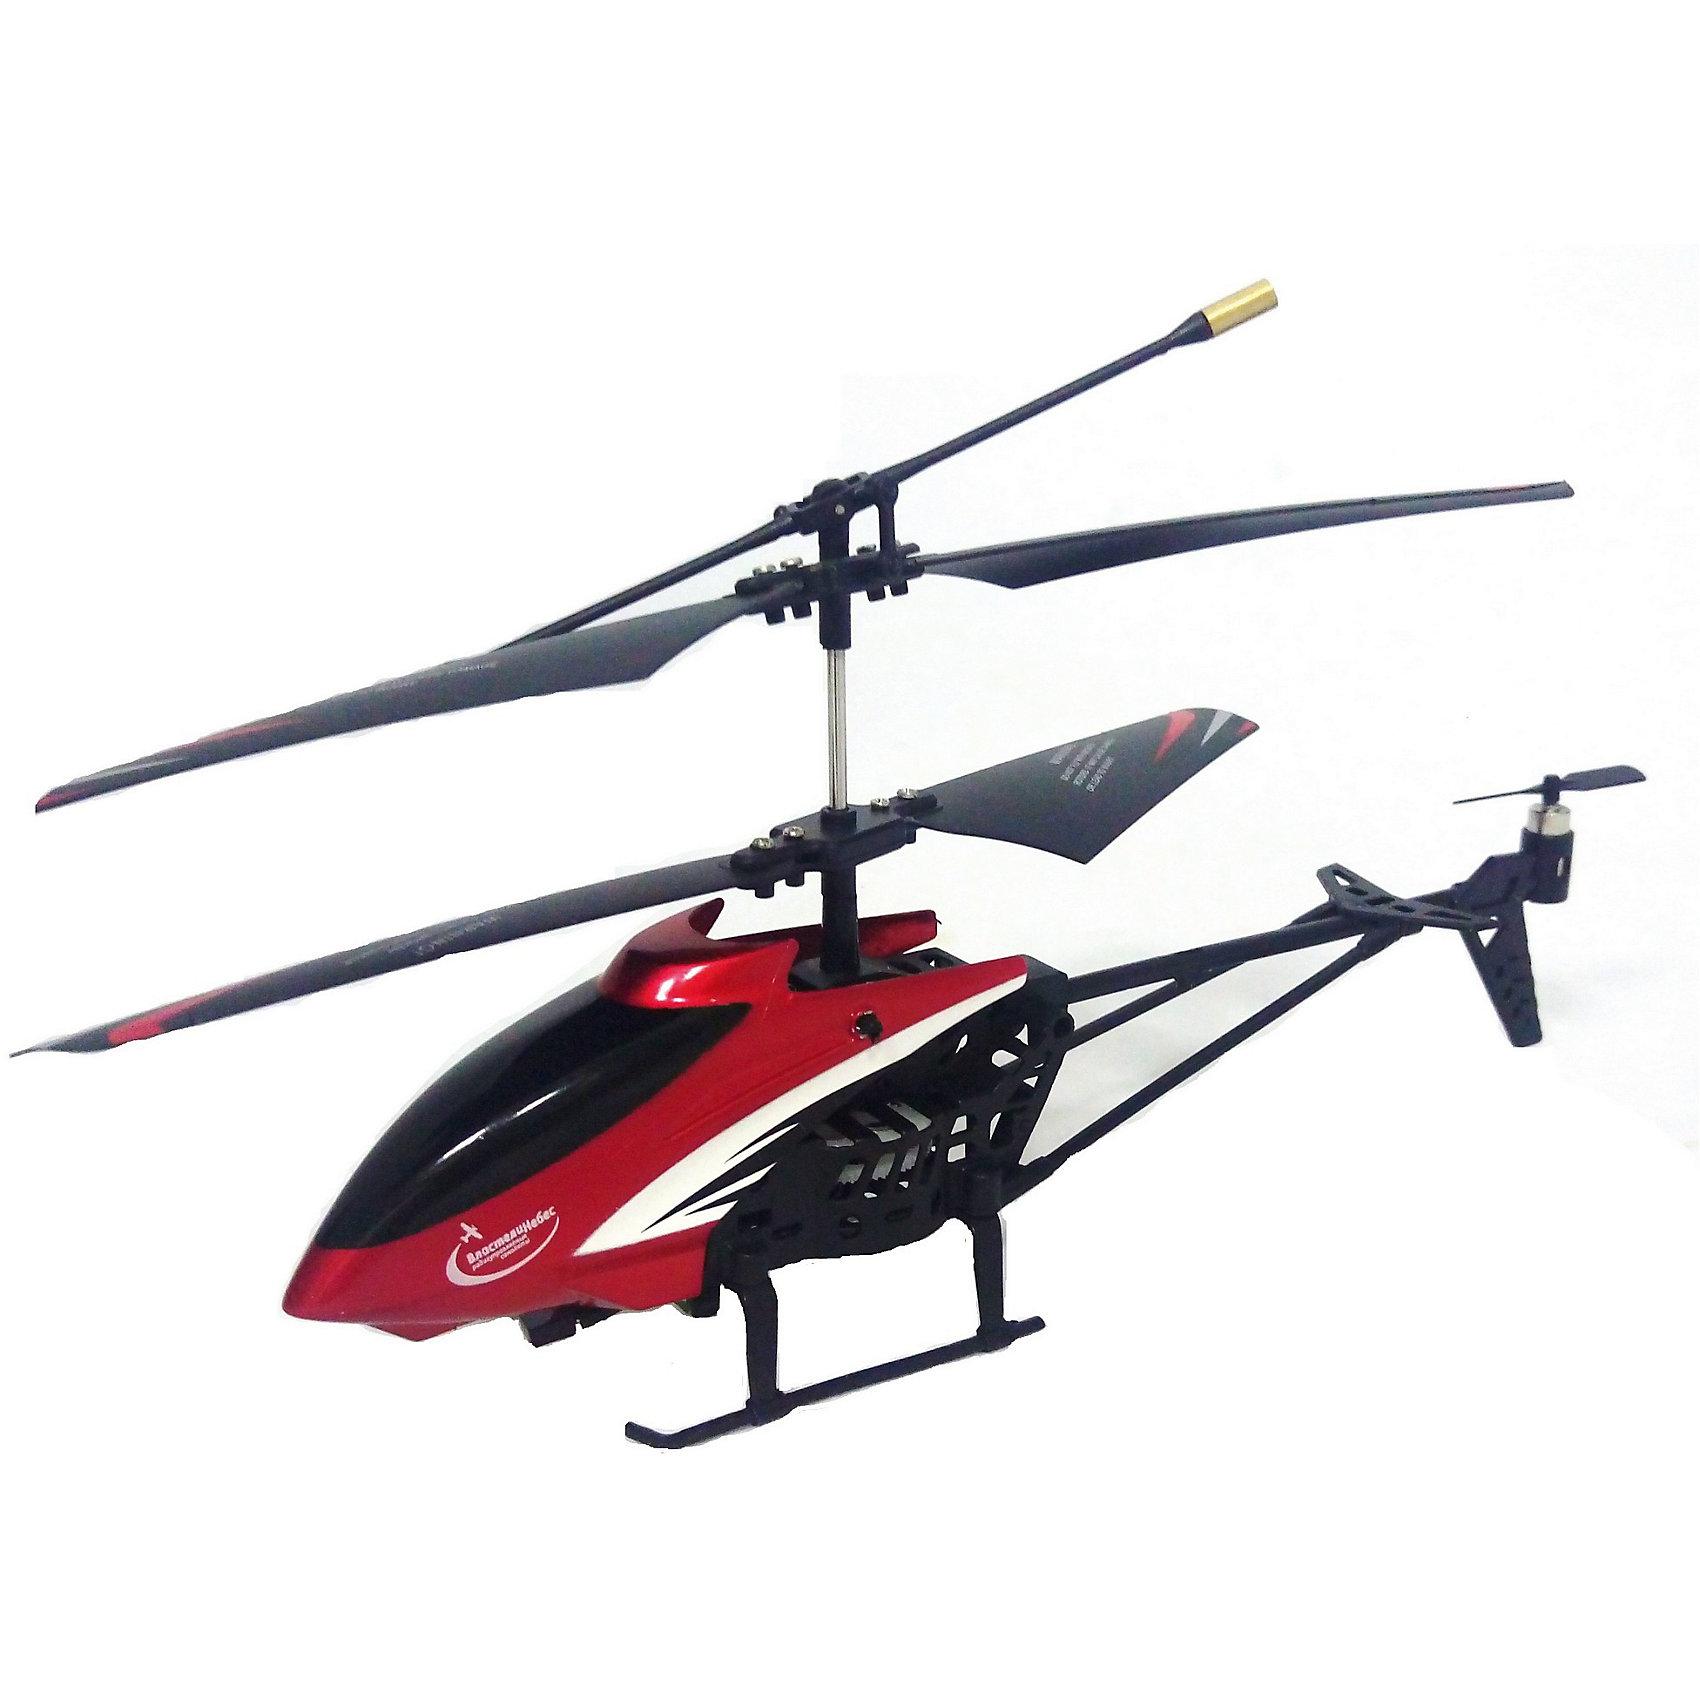 Радиоуправляемый вертолет Стрекоза на и/у, Властелин небесРадиоуправляемый транспорт<br>Радиоуправляемый вертолет Стрекоза на и/у, Властелин небес<br><br>Характеристики:<br><br>• летает вверх, вниз, влево и вправо<br>• зависает в воздухе и разворачивается<br>• небольшой и маневренный<br>• светящиеся сигнальные огни для полетов в темноте<br>• размер вертолета: 22х21х13 см<br>• в комплекте: вертолет, пульт управления, USB кабель, отвертка, 2 запасные лопасти, запасной хвостовой винт, инструкция<br>• вес: 275 грамм<br>• размер упаковки: 40х15х8 см<br>• питание: 3.7V аккумулятор Li-poli<br>• батарейки: АА - 6 шт. (не входят в комплект)<br>• материал: металл, полимерные материалы, пластик<br>• дальность действия: 20 метров<br>• время игры: 6-9 минут<br><br>Яркий и маневренный вертолет порадует любителей радиоуправляемых игрушек. Стрекоза быстро выполняет команды и умеет летать вверх, вниз, влево и вправо. Кроме того, вертолет может разворачиваться, а благодаря встроенному гироскопу, зависать в воздухе. Время работы при полной зарядке - 8 минут. Большая дальность действия пульта позволяет играть не только в помещении, но и на улице в безветренную погоду. <br>Для работы необходимы 6 батареек АА (не входят в комплект).<br><br>Радиоуправляемый вертолет Стрекоза на и/у, Властелин небес вы можете купить в нашем интернет-магазине.<br><br>Ширина мм: 75<br>Глубина мм: 390<br>Высота мм: 150<br>Вес г: 390<br>Возраст от месяцев: 144<br>Возраст до месяцев: 2147483647<br>Пол: Мужской<br>Возраст: Детский<br>SKU: 5397101